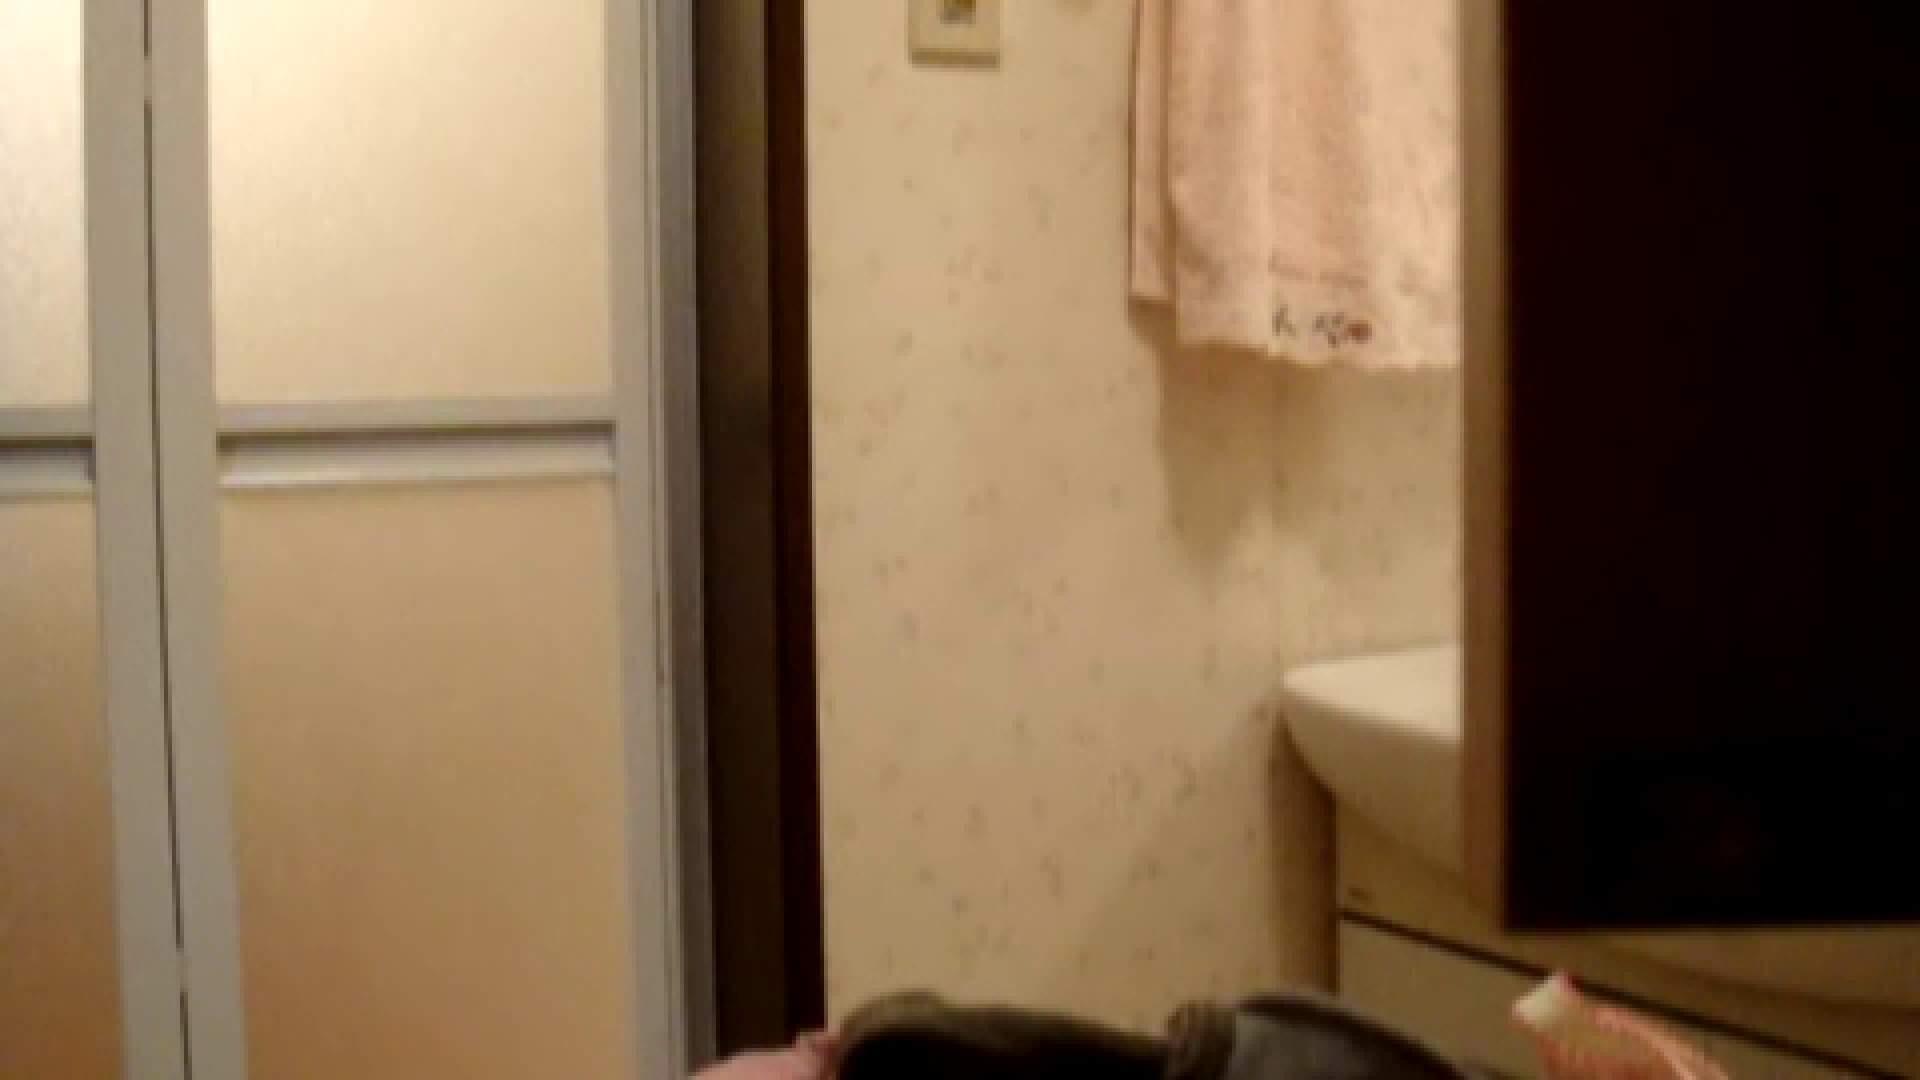 二人とも育てた甲斐がありました… vol.08 まどかの入浴中にカメラに気付いたか!? 綺麗なOLたち  90枚 60